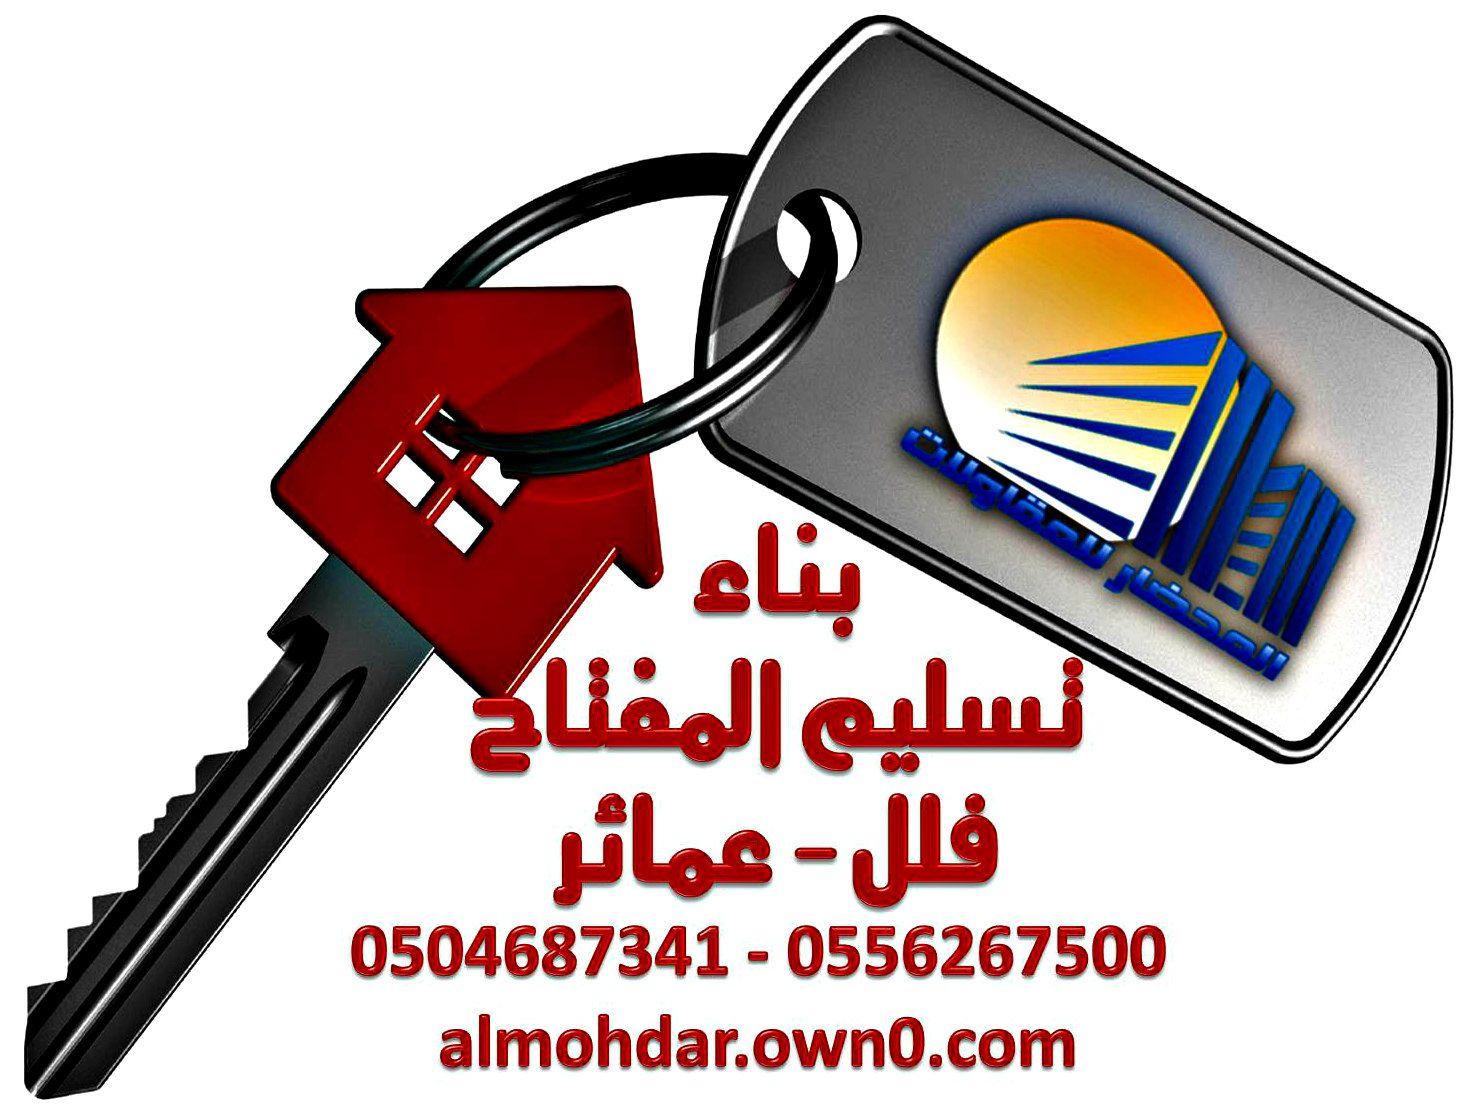 مؤسسة مناف المحضار للمقاولات مقاولات عامة انشاءات تشطيب 0504687341 0556267500 جده المملكة العربية السعودية Golf Clubs Villa